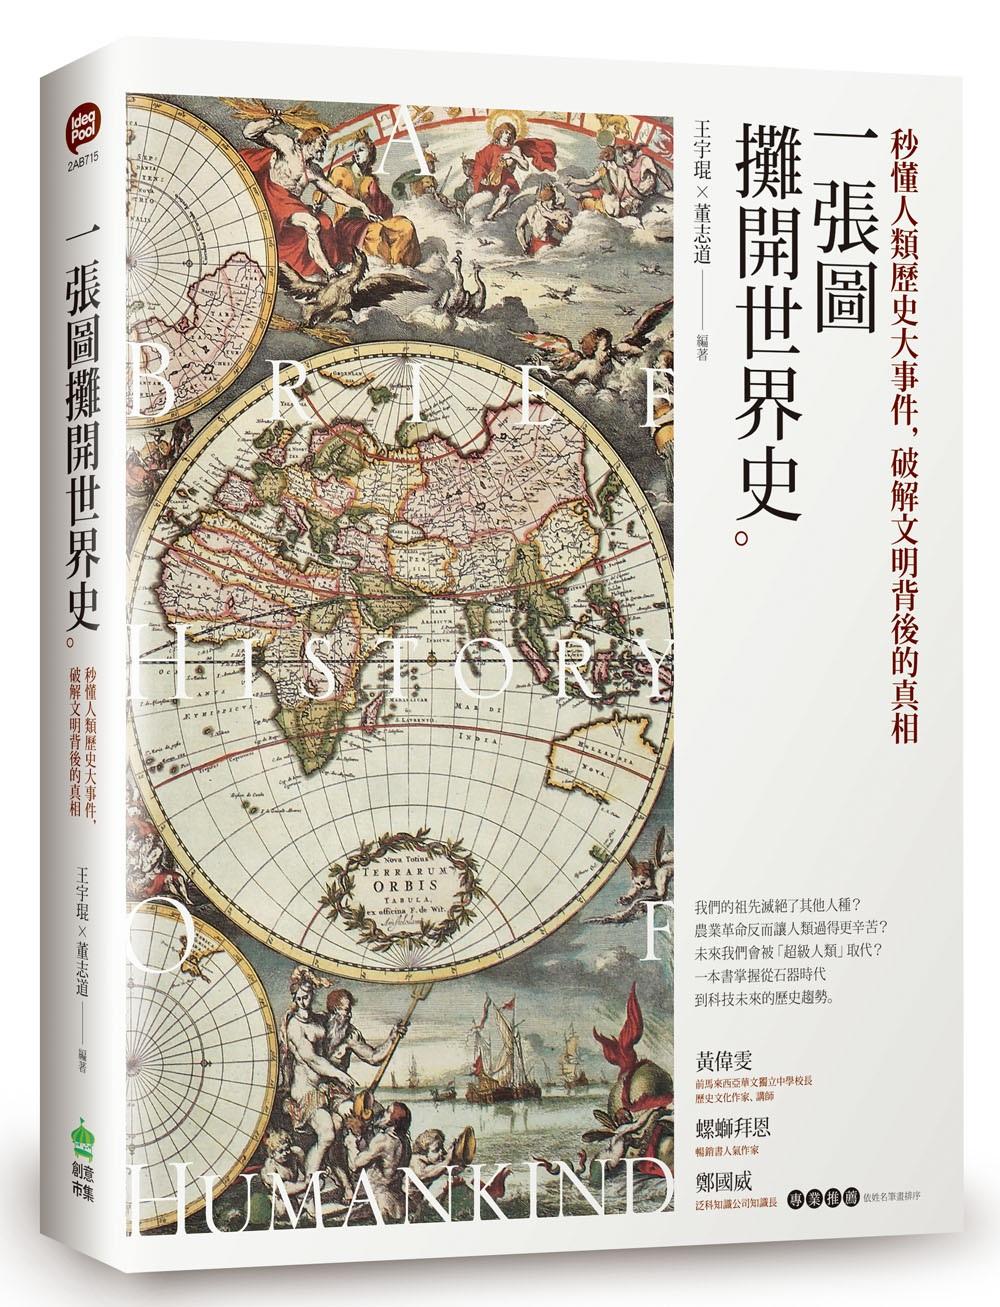 一張圖攤開世界史:秒懂人類歷史大事件,破解文明背後的真相